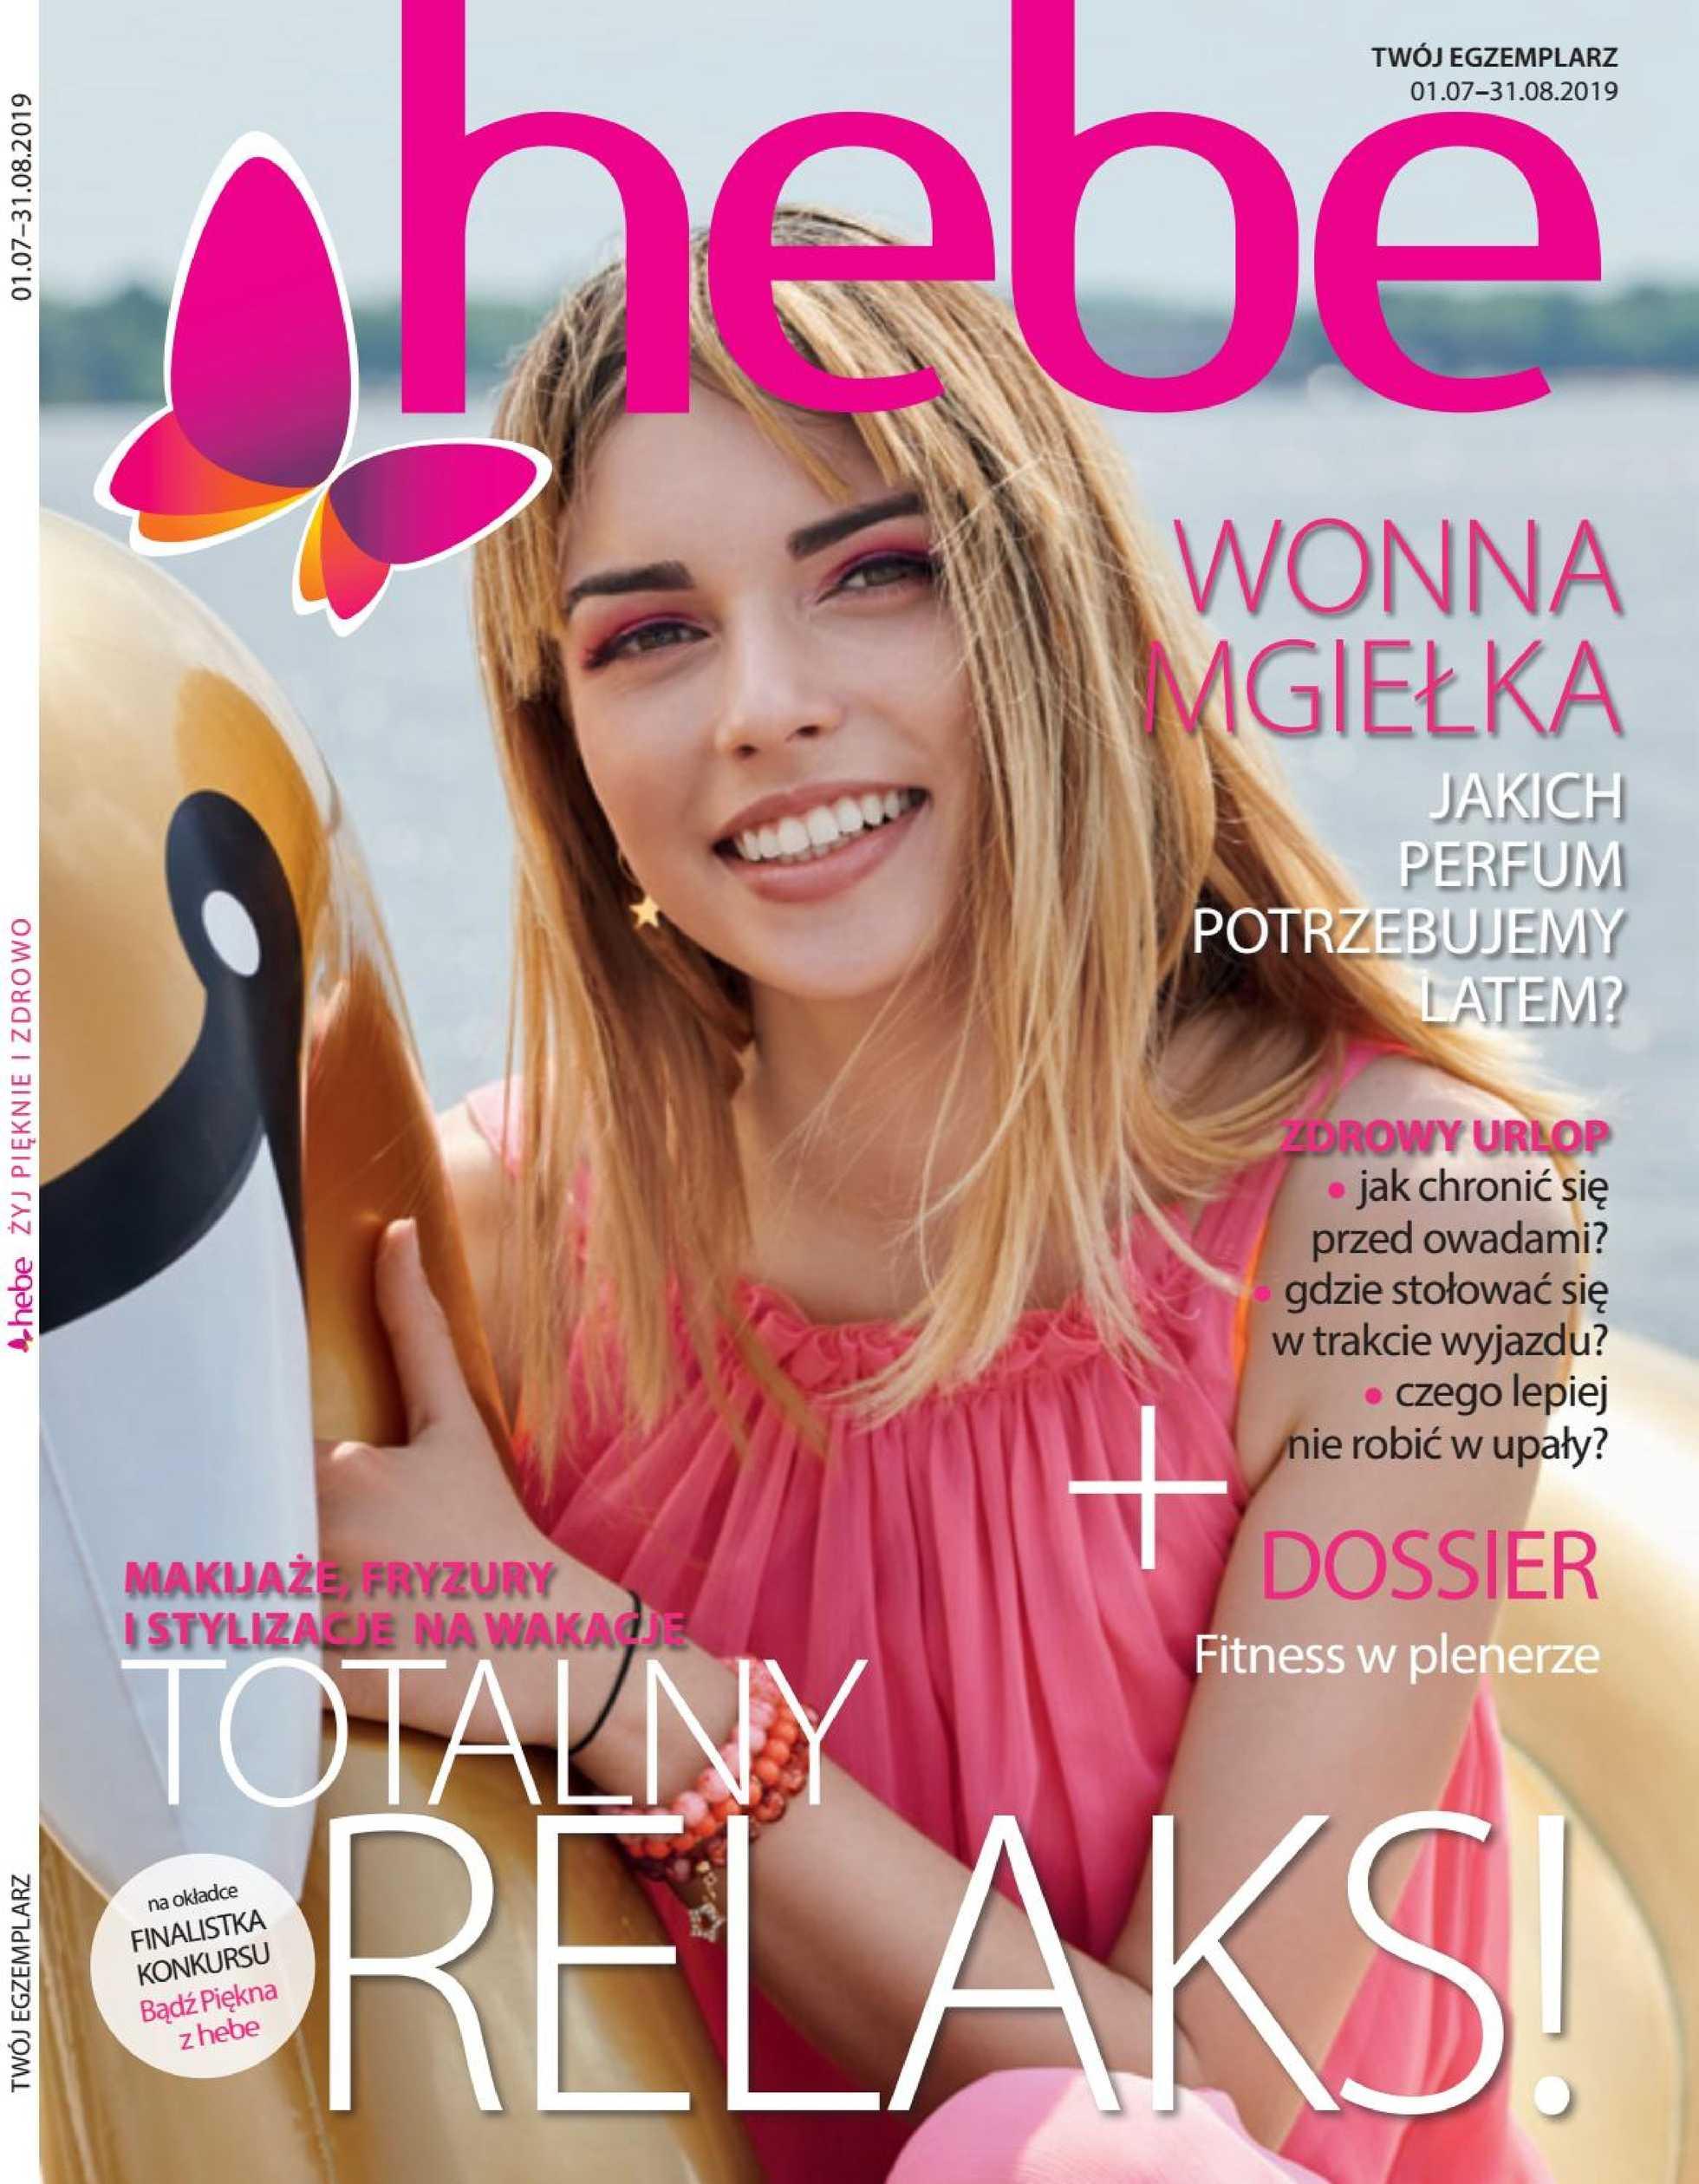 Hebe - gazetka promocyjna ważna od 01.07.2019 do 31.08.2019 - strona 1.